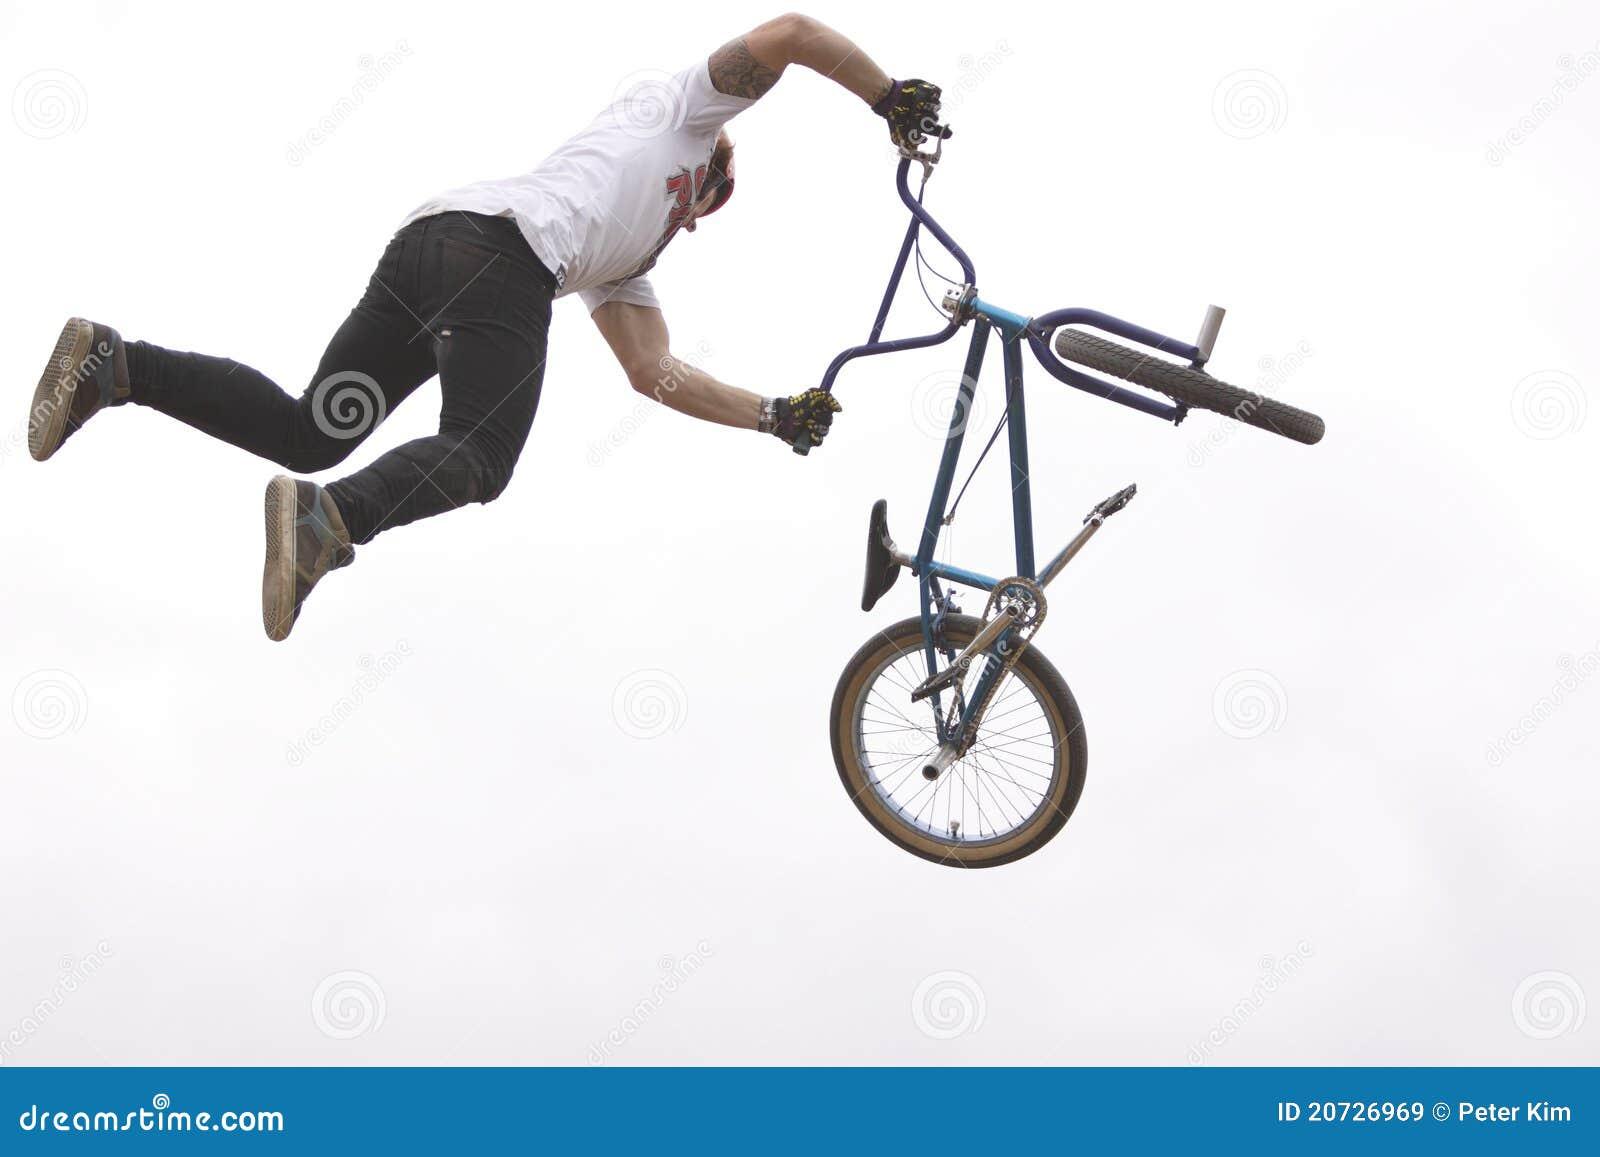 Dew Tour Bmx Dirt Jumps Editorial Stock Image Image